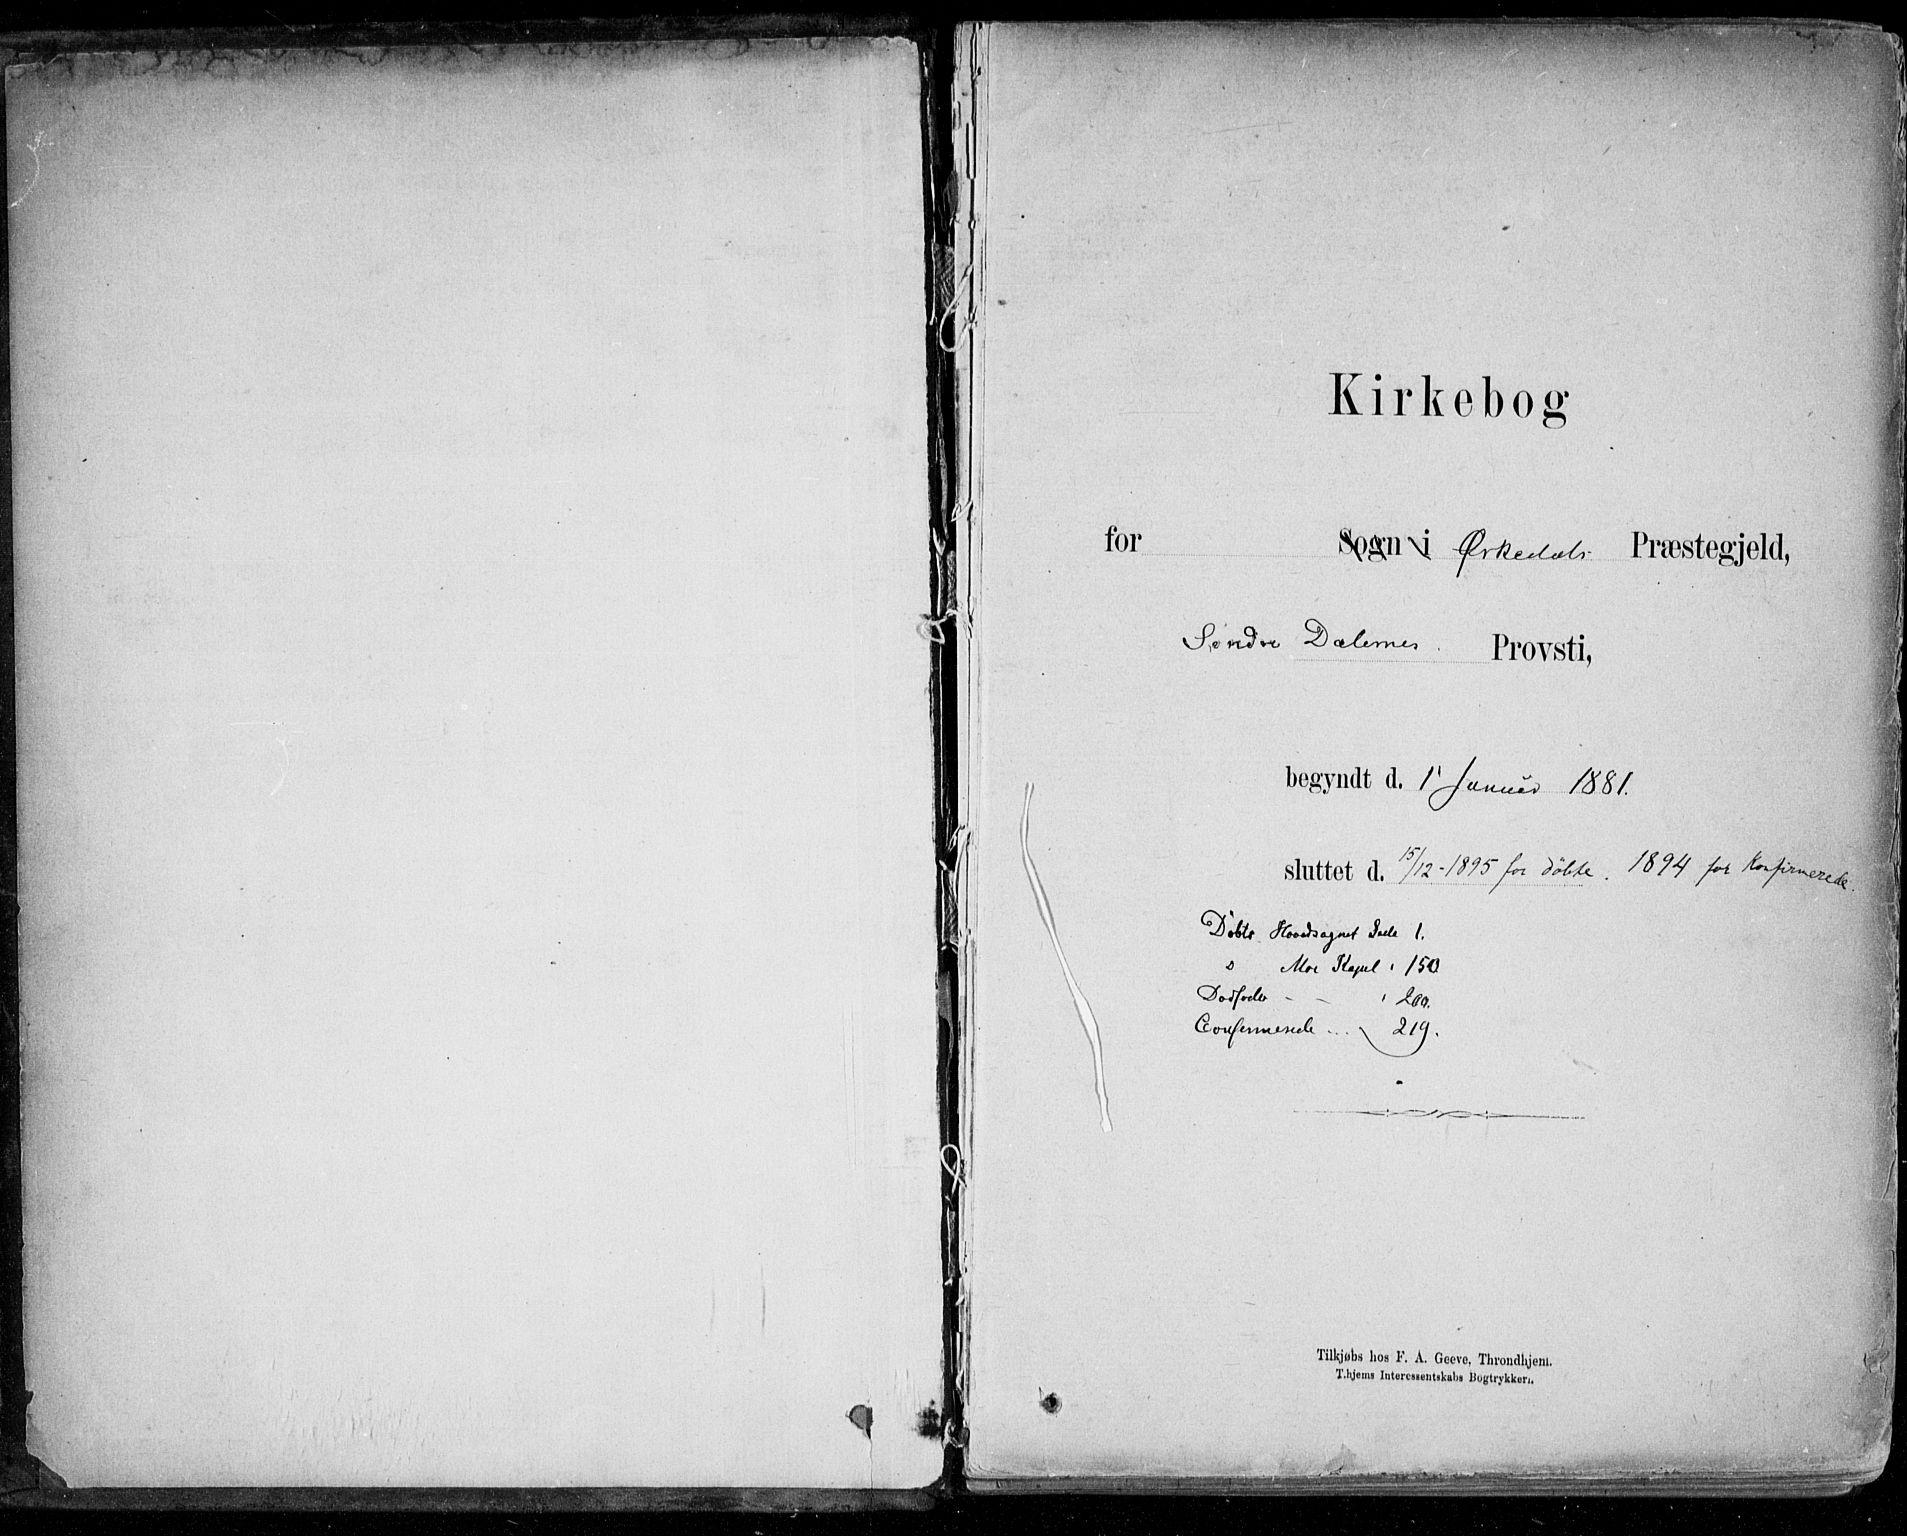 SAT, Ministerialprotokoller, klokkerbøker og fødselsregistre - Sør-Trøndelag, 668/L0809: Ministerialbok nr. 668A09, 1881-1895